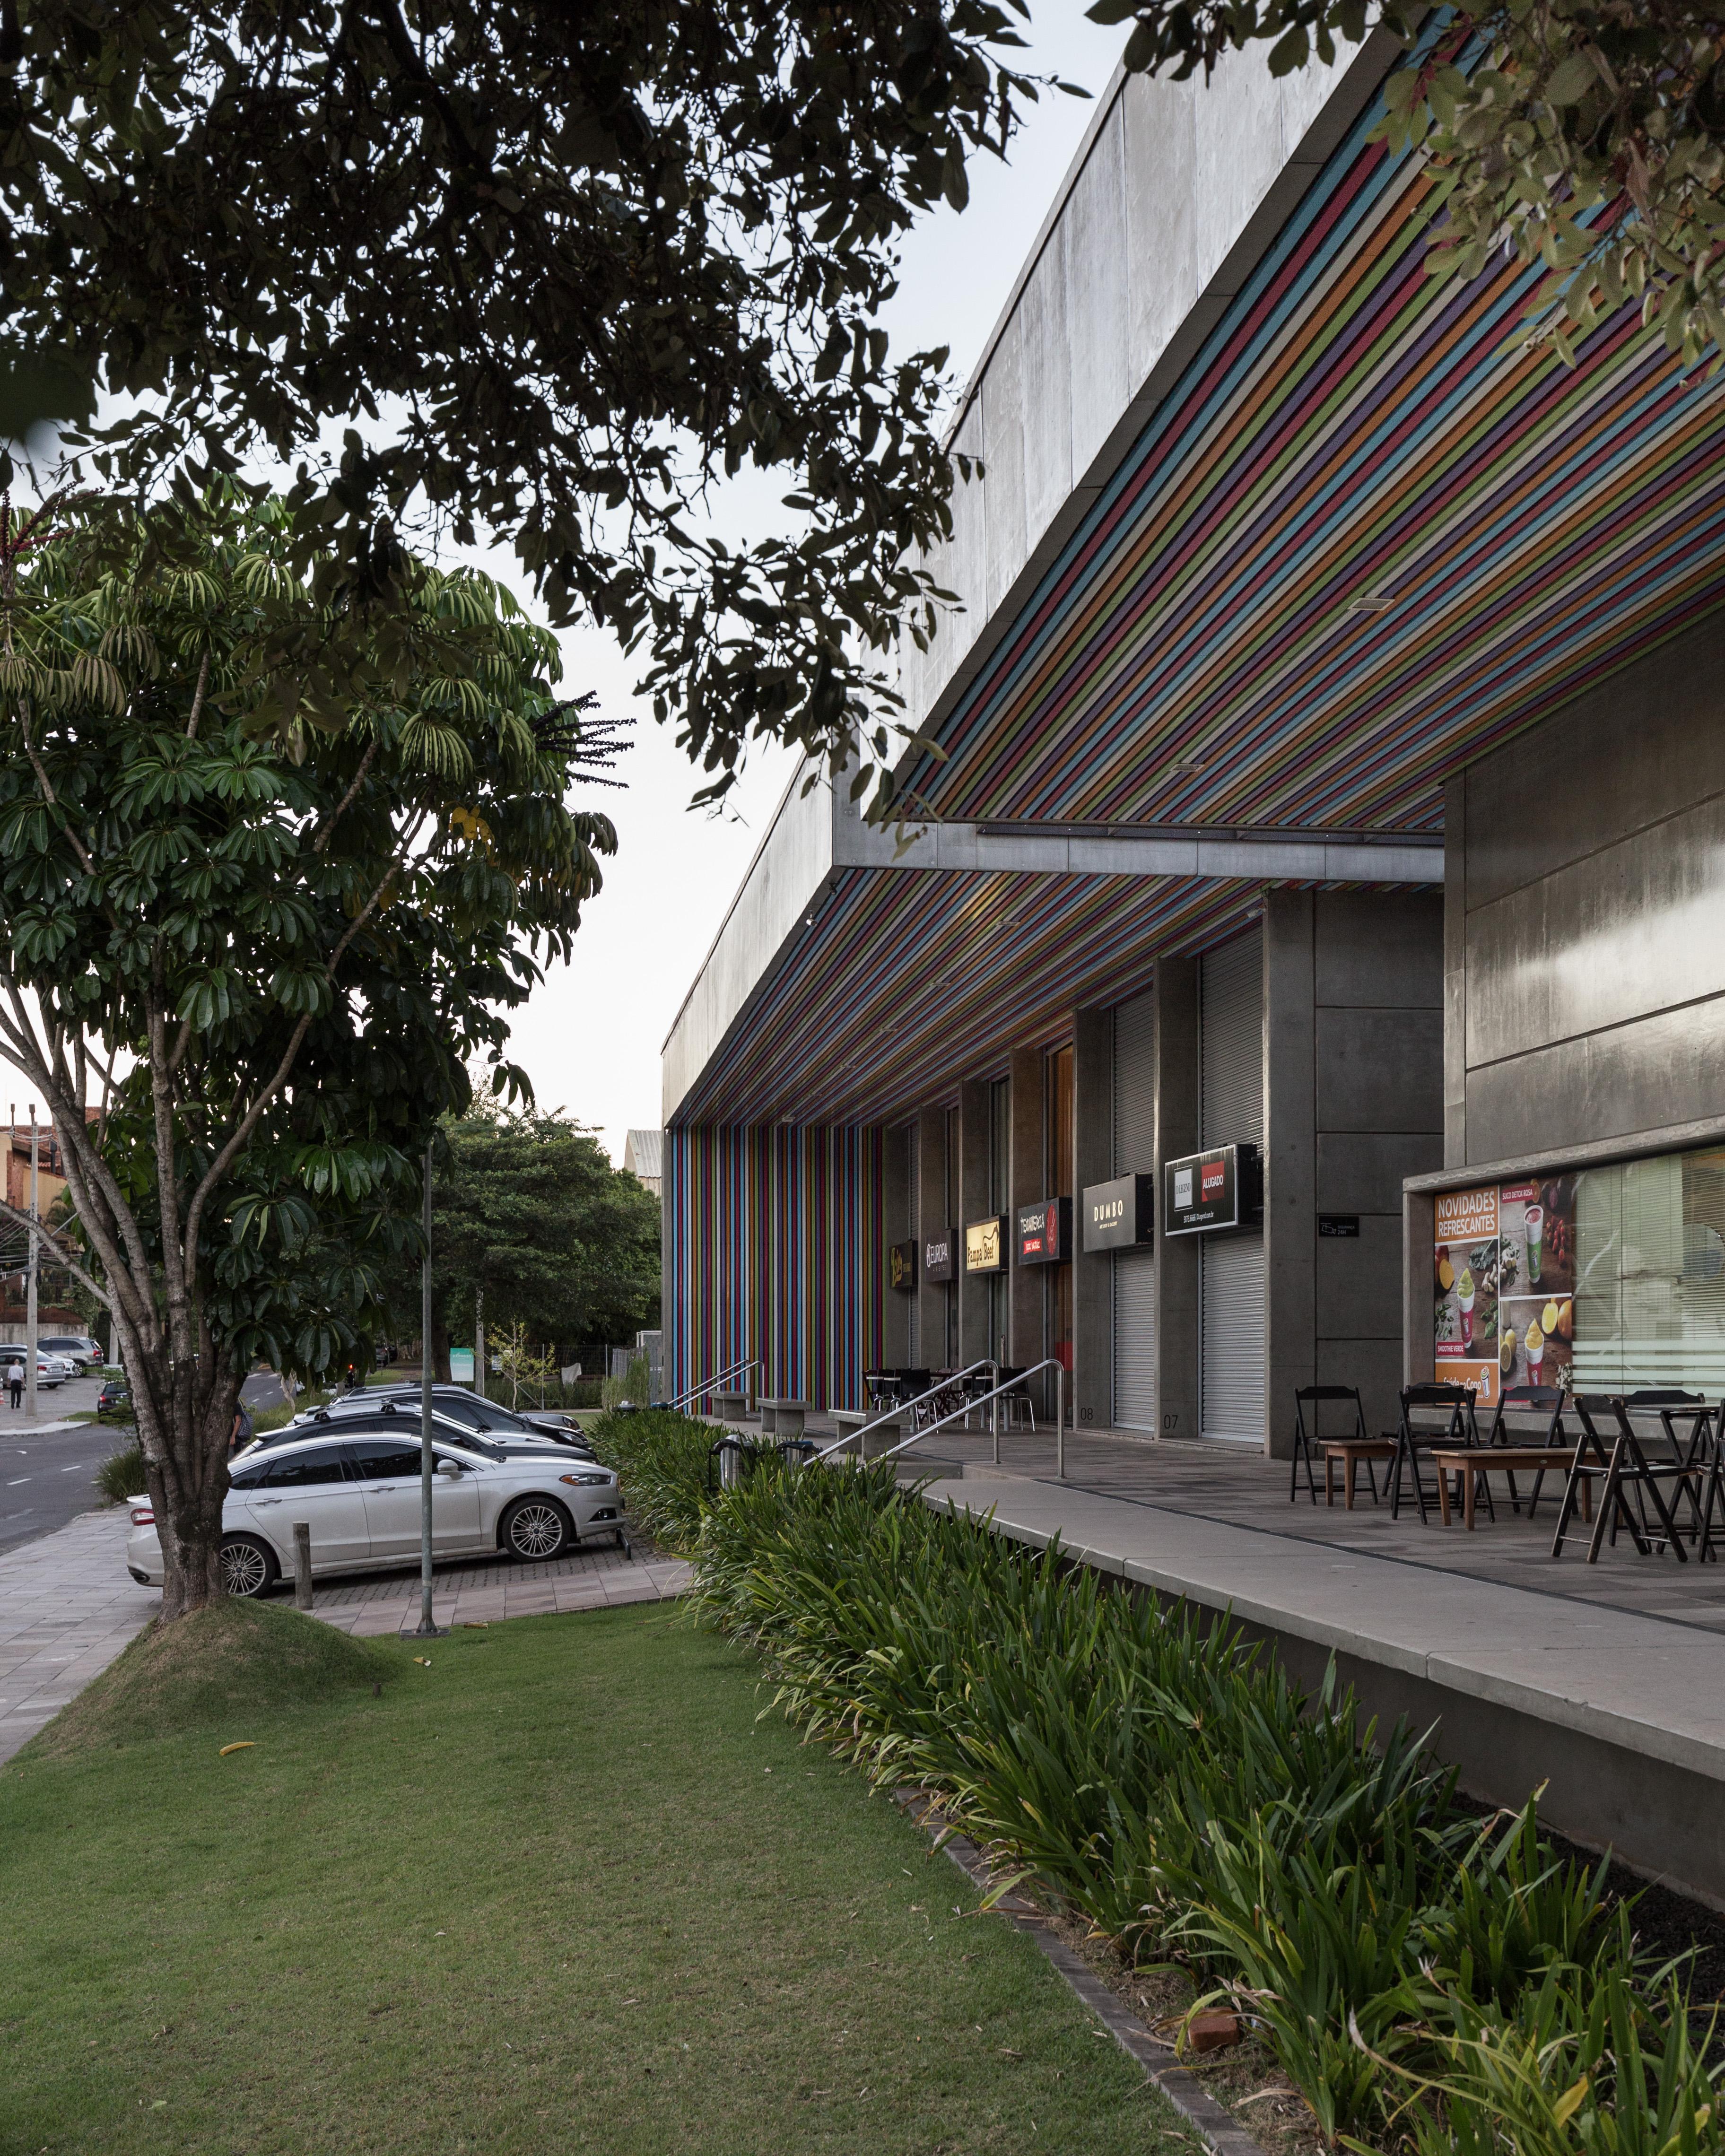 Nilo Mall - Facade